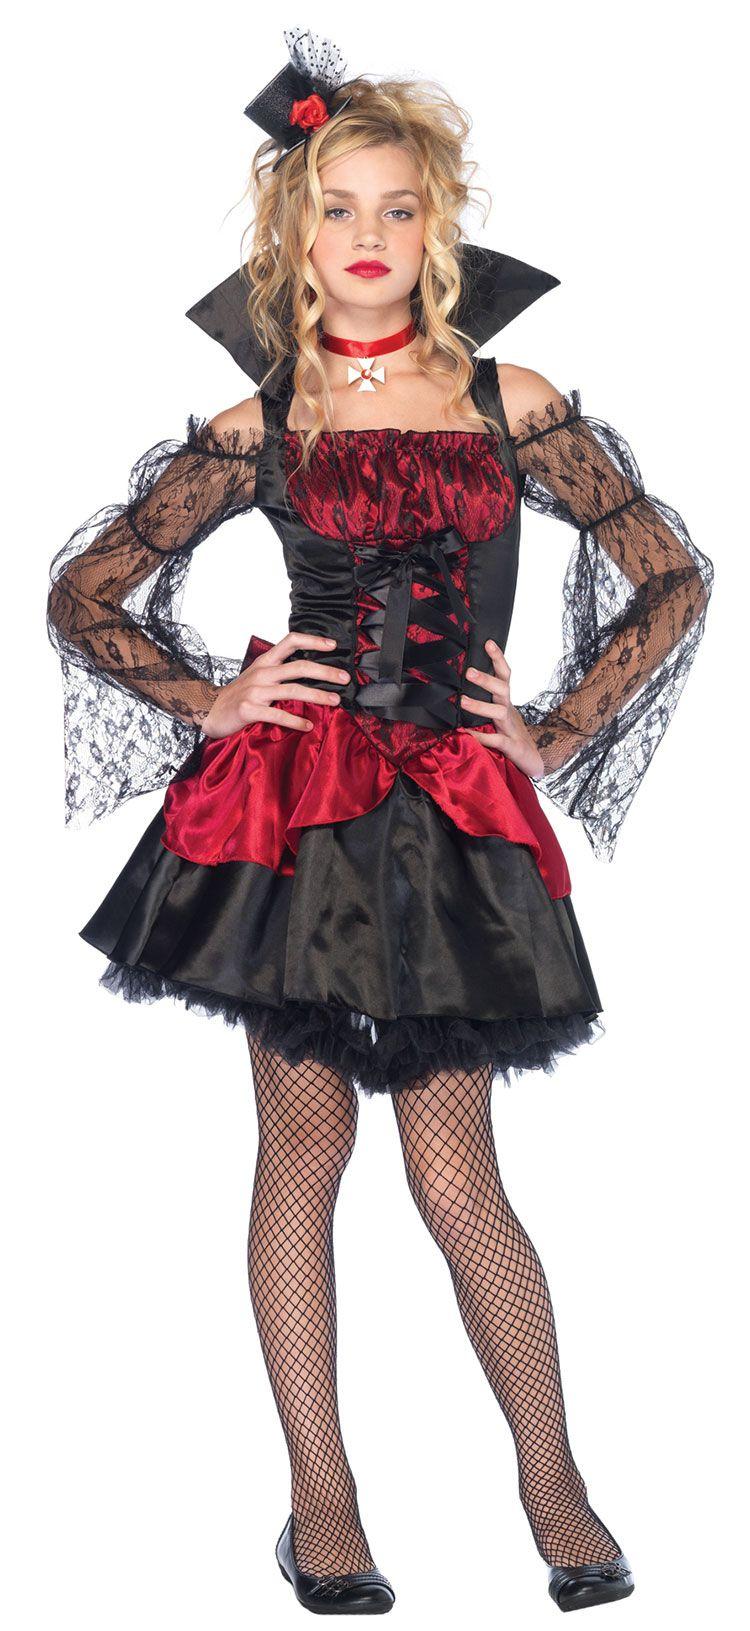 halloween costumes - Halloween Costumes Victorian